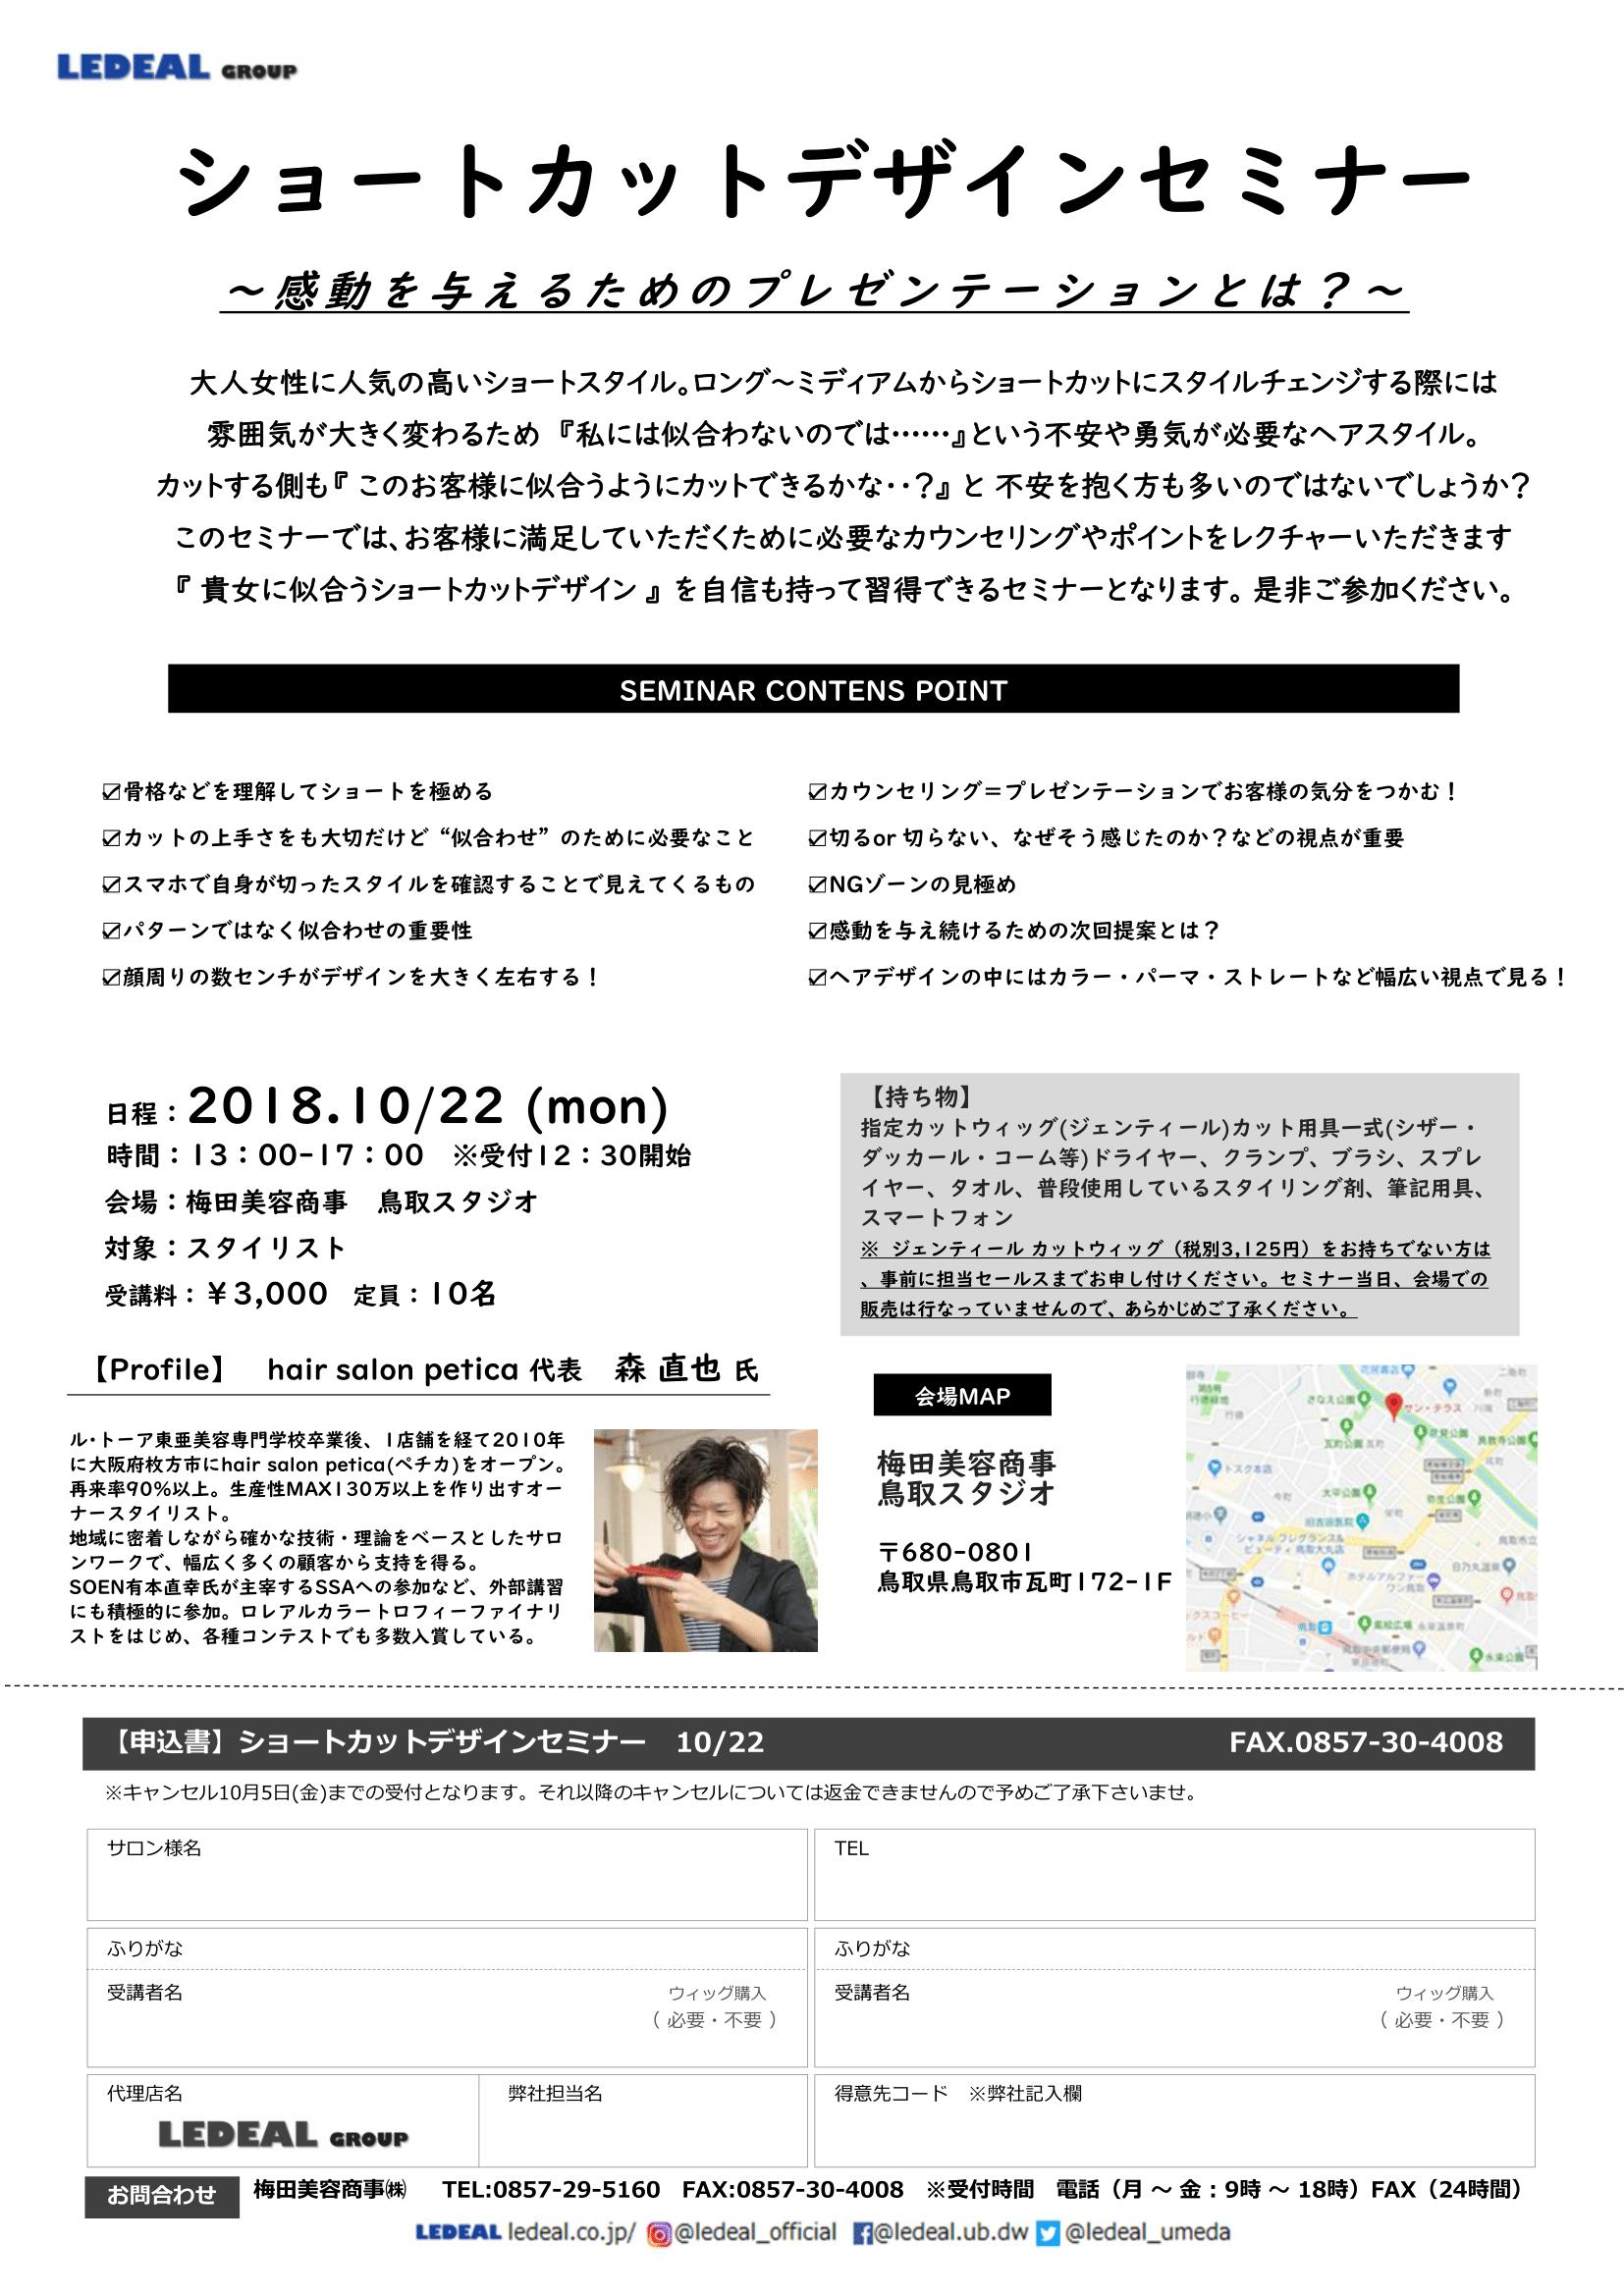 【鳥取】ショートを極める!カットデザインセミナー